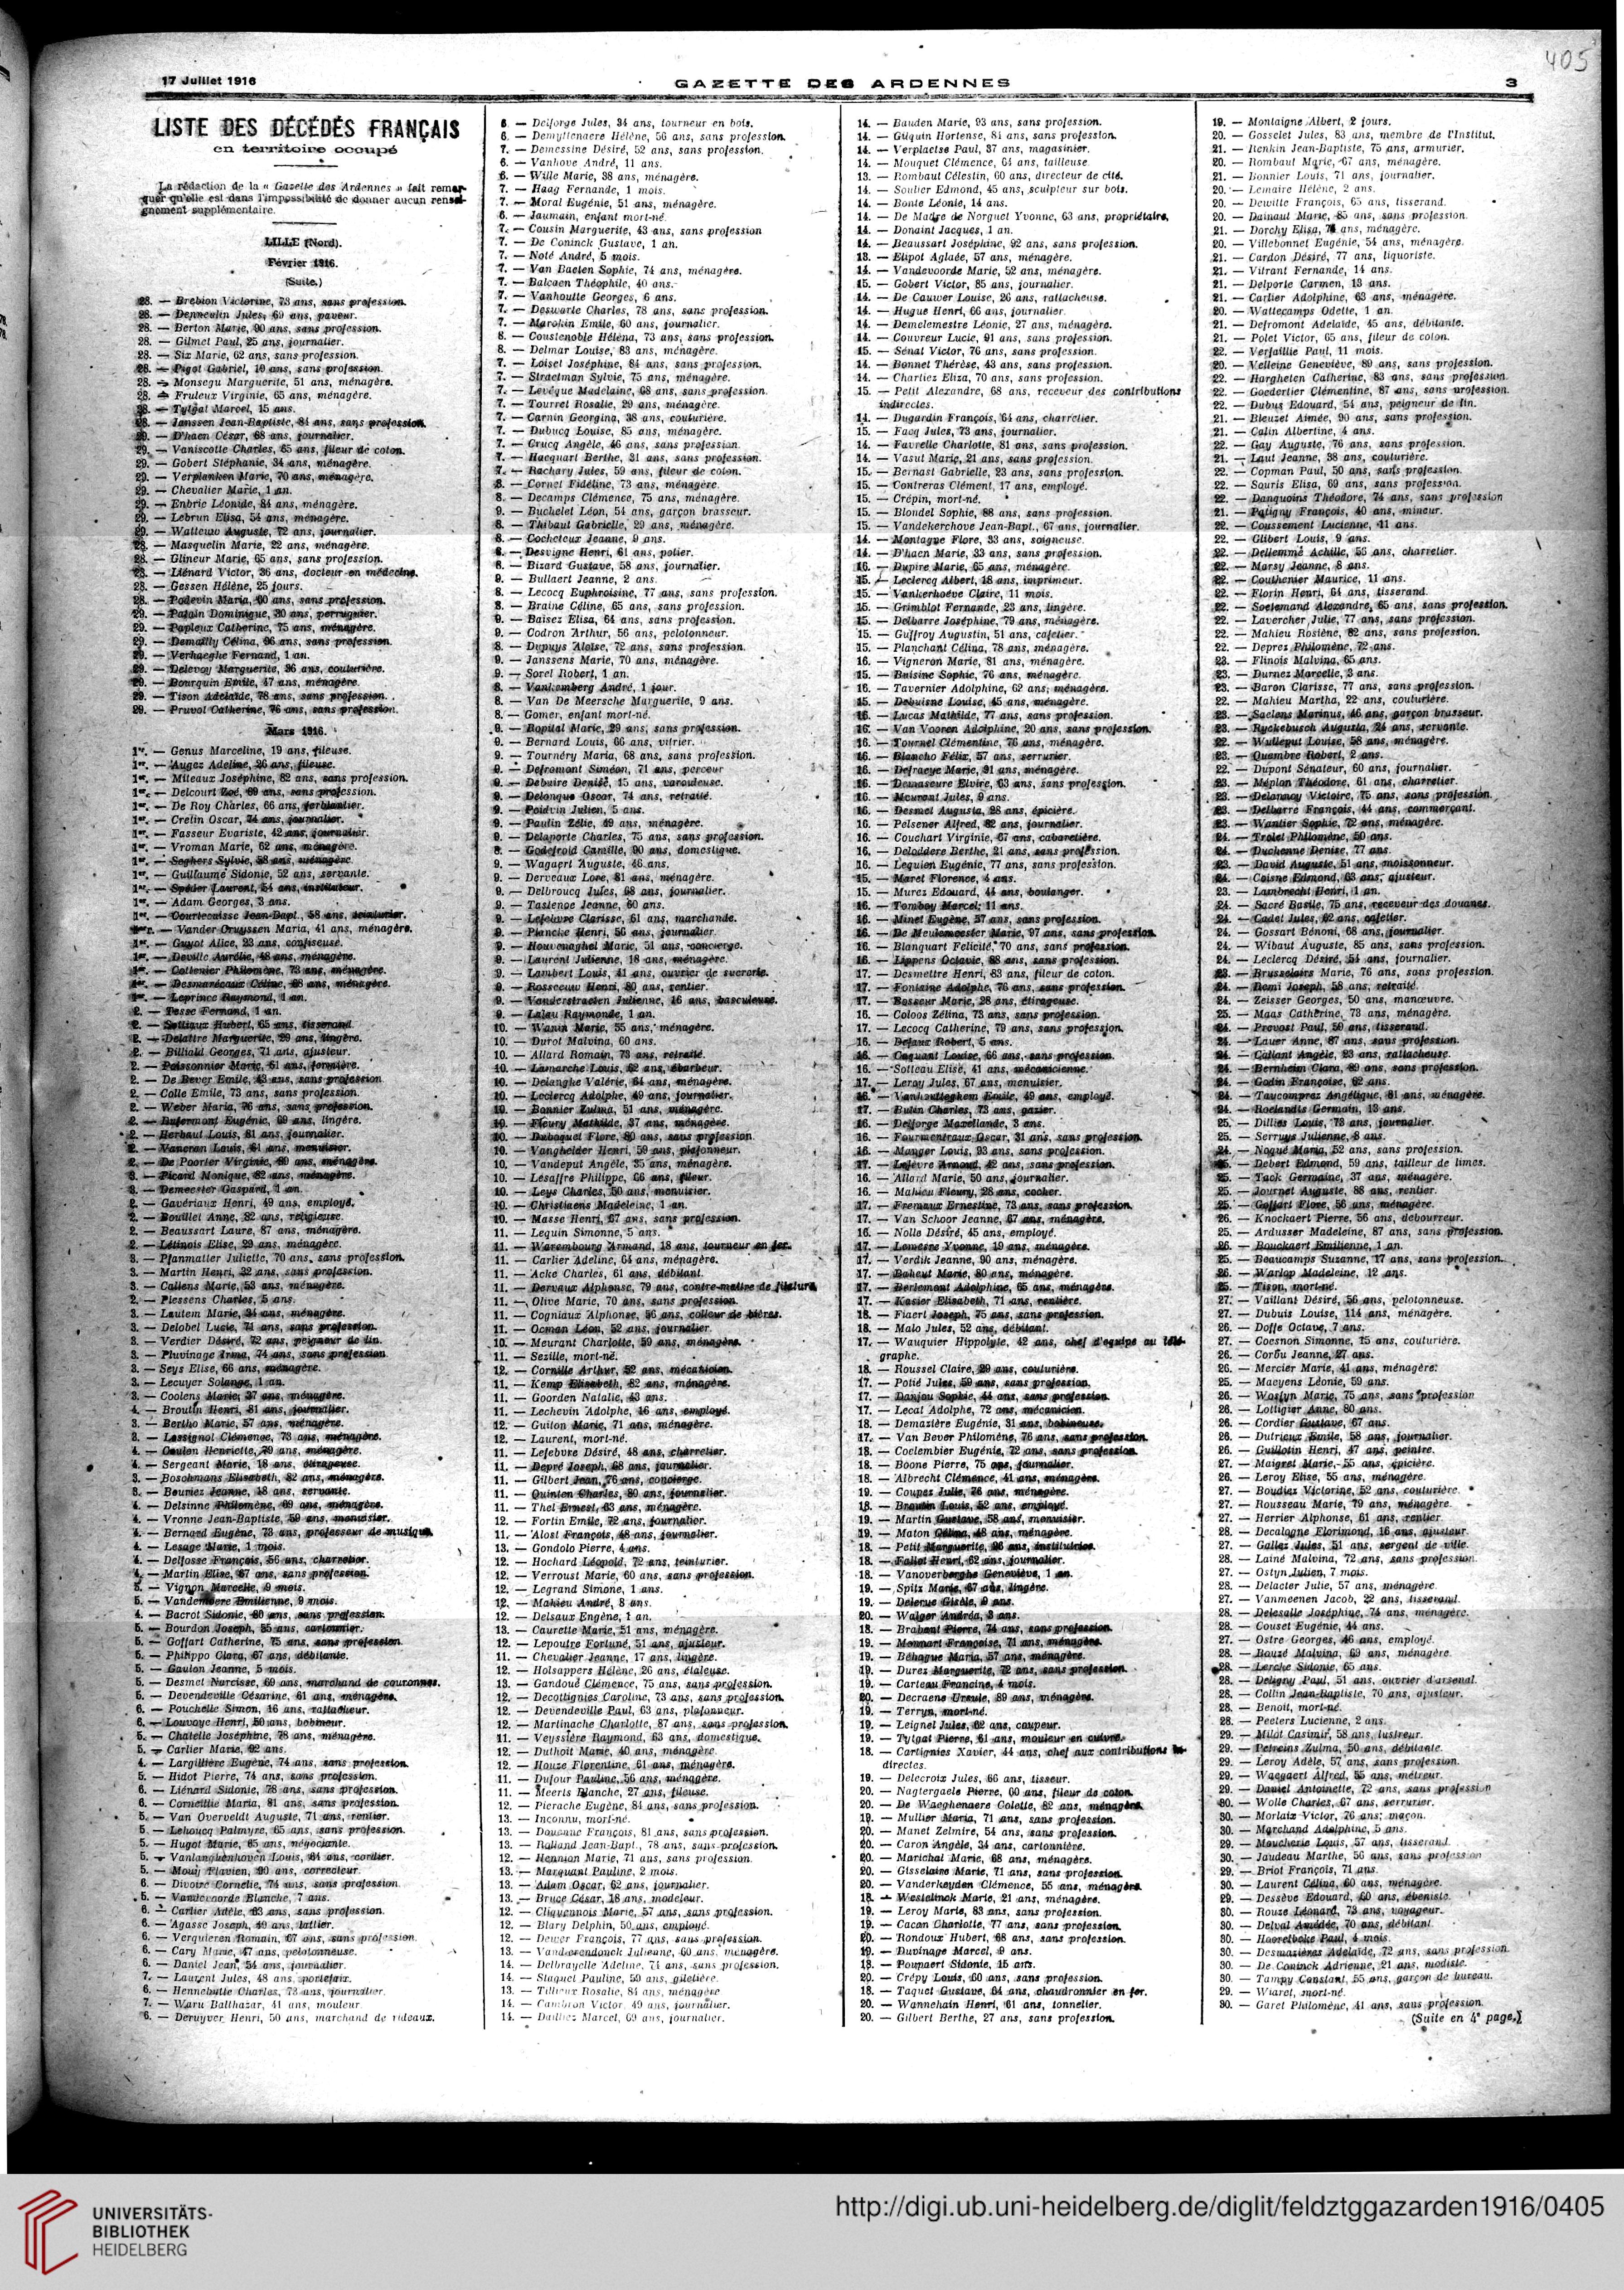 Ardennes Journal Des Occupés januar Gazette 1916 Pays xE5wH